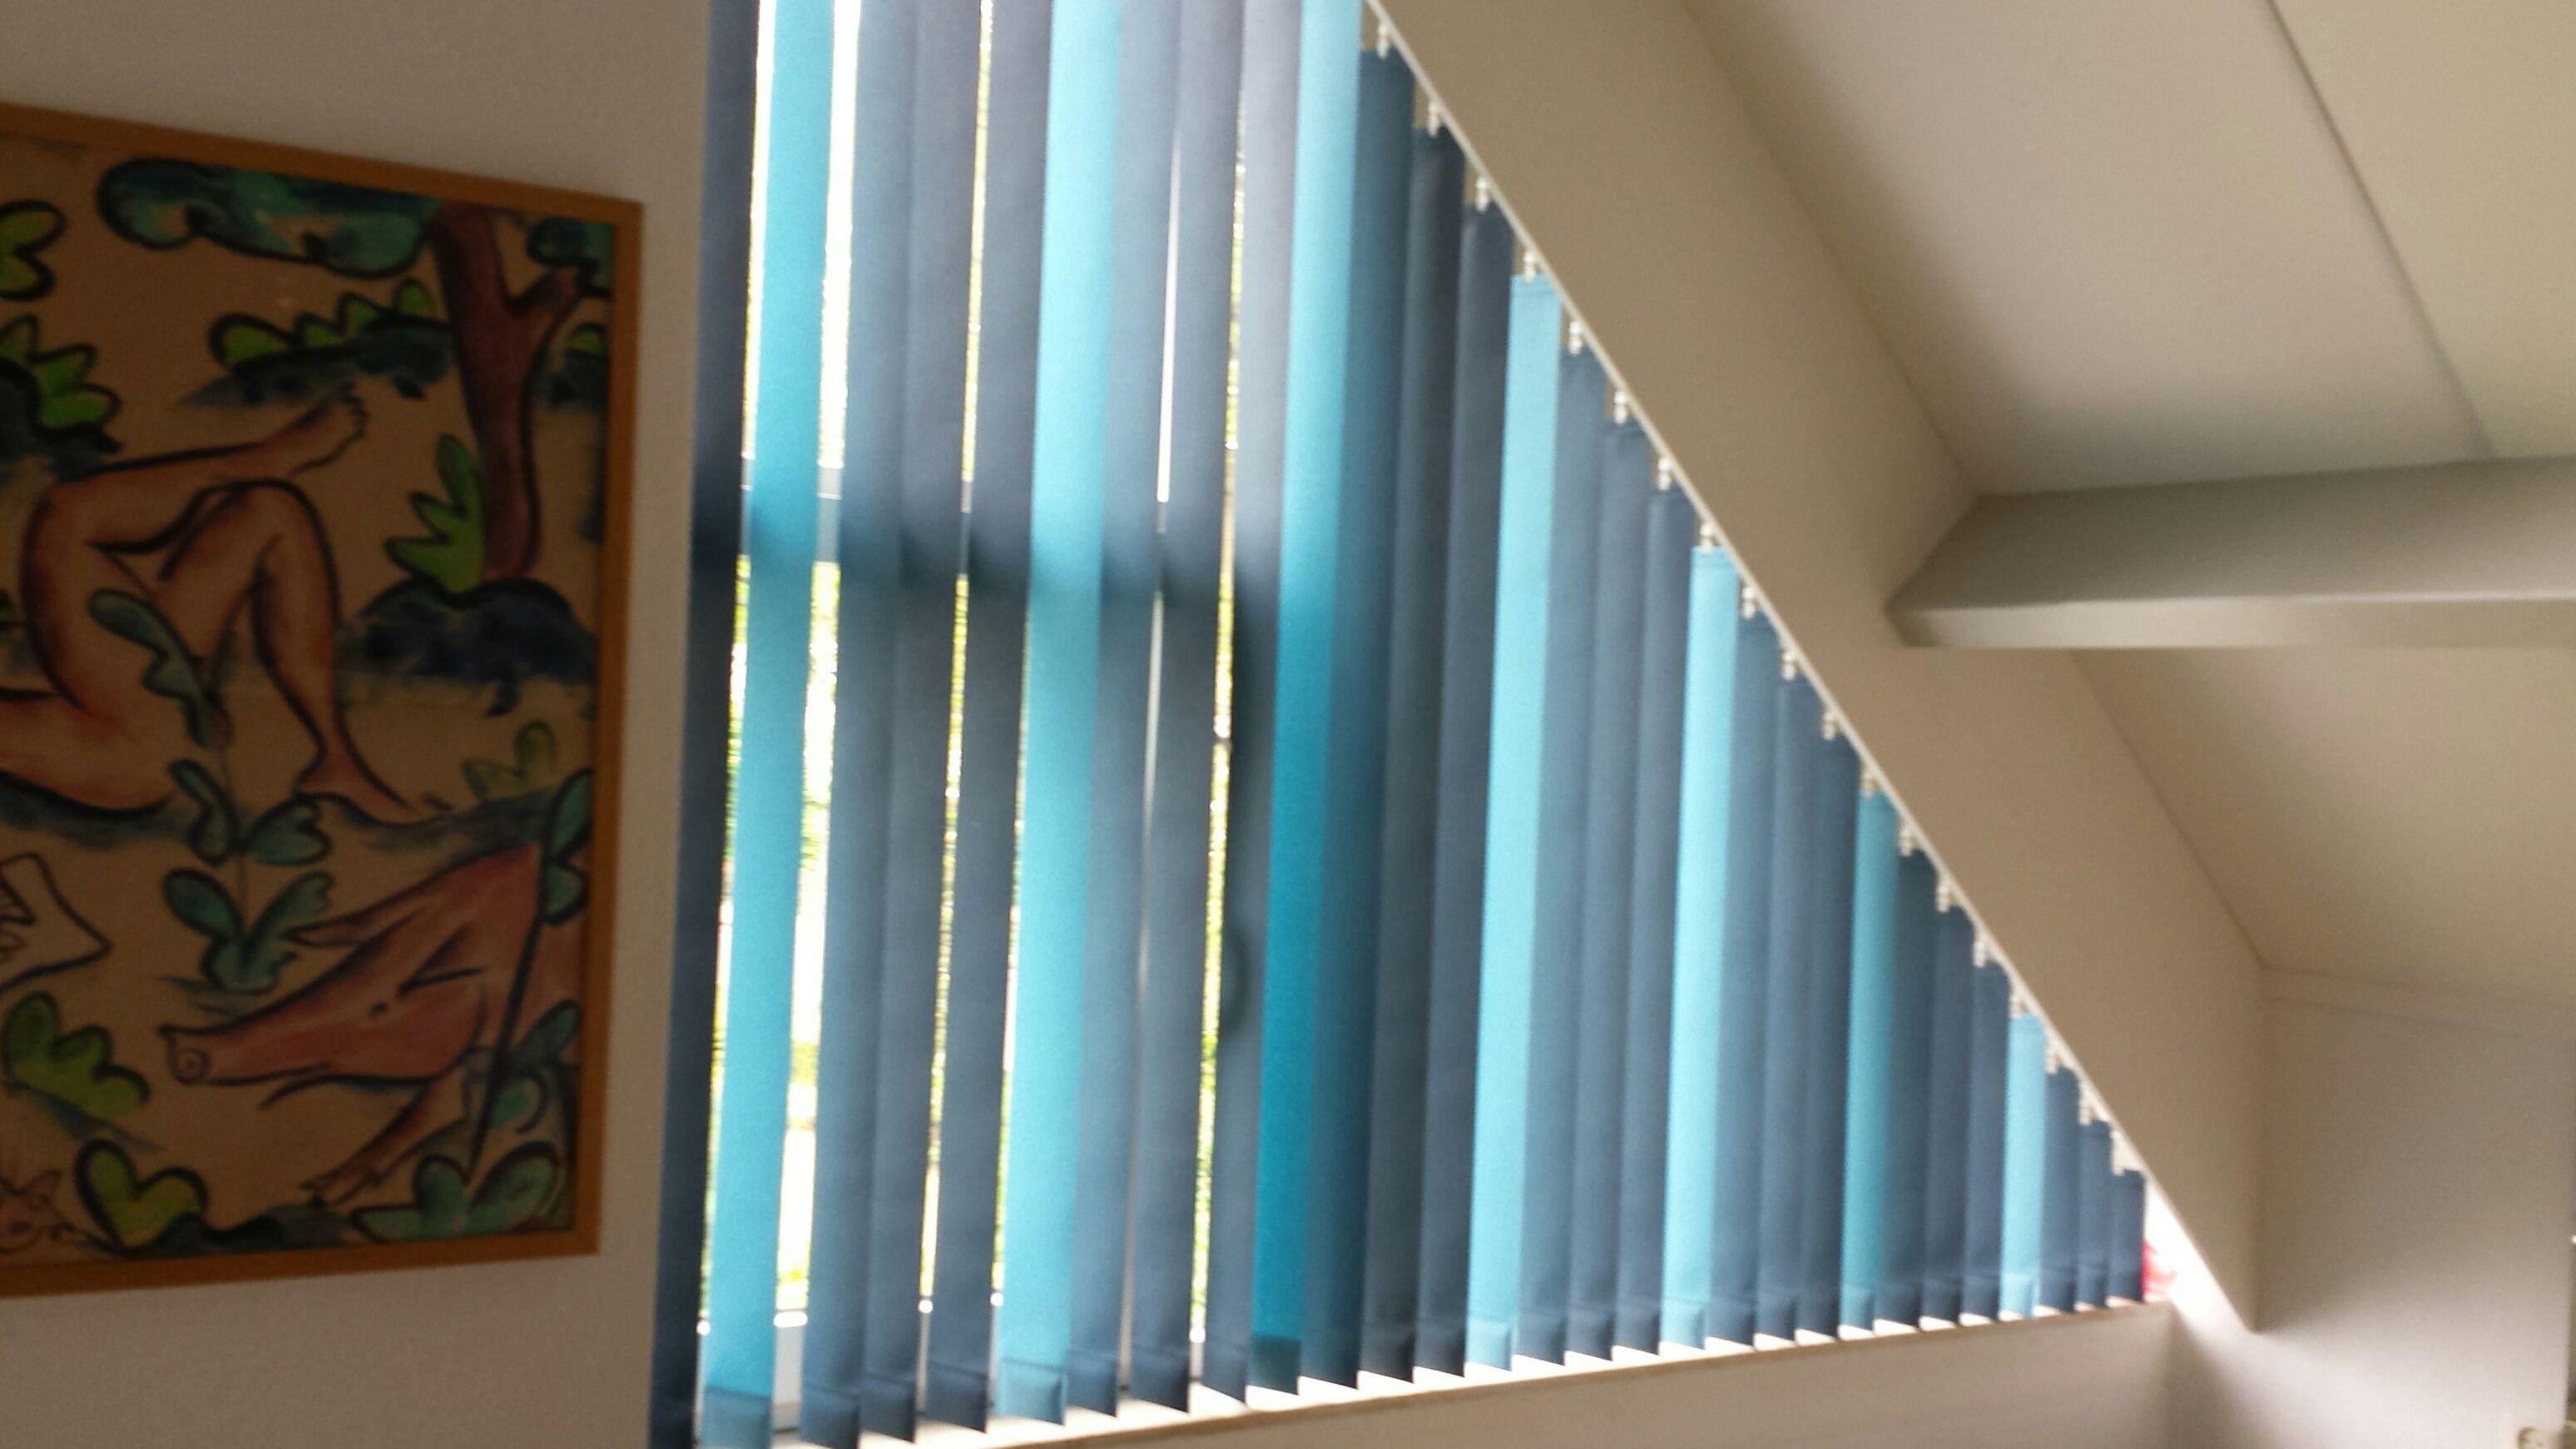 vertikale lamellen voor een schuin raam van luxaflex in 2 verschillende kleuren